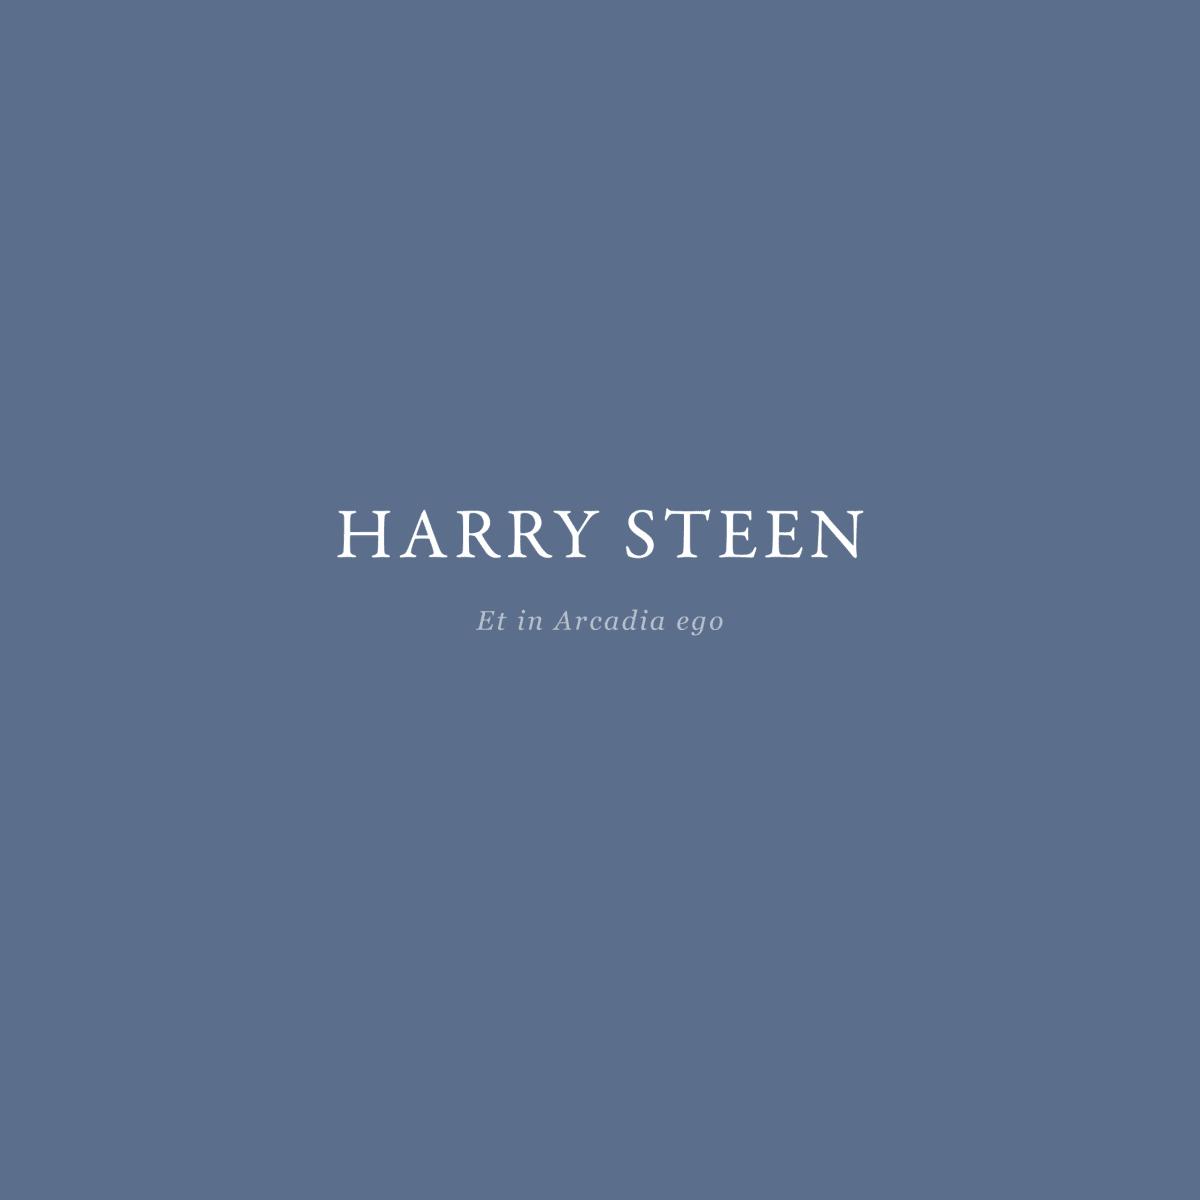 Harry Steen: Et in Arcadia ego